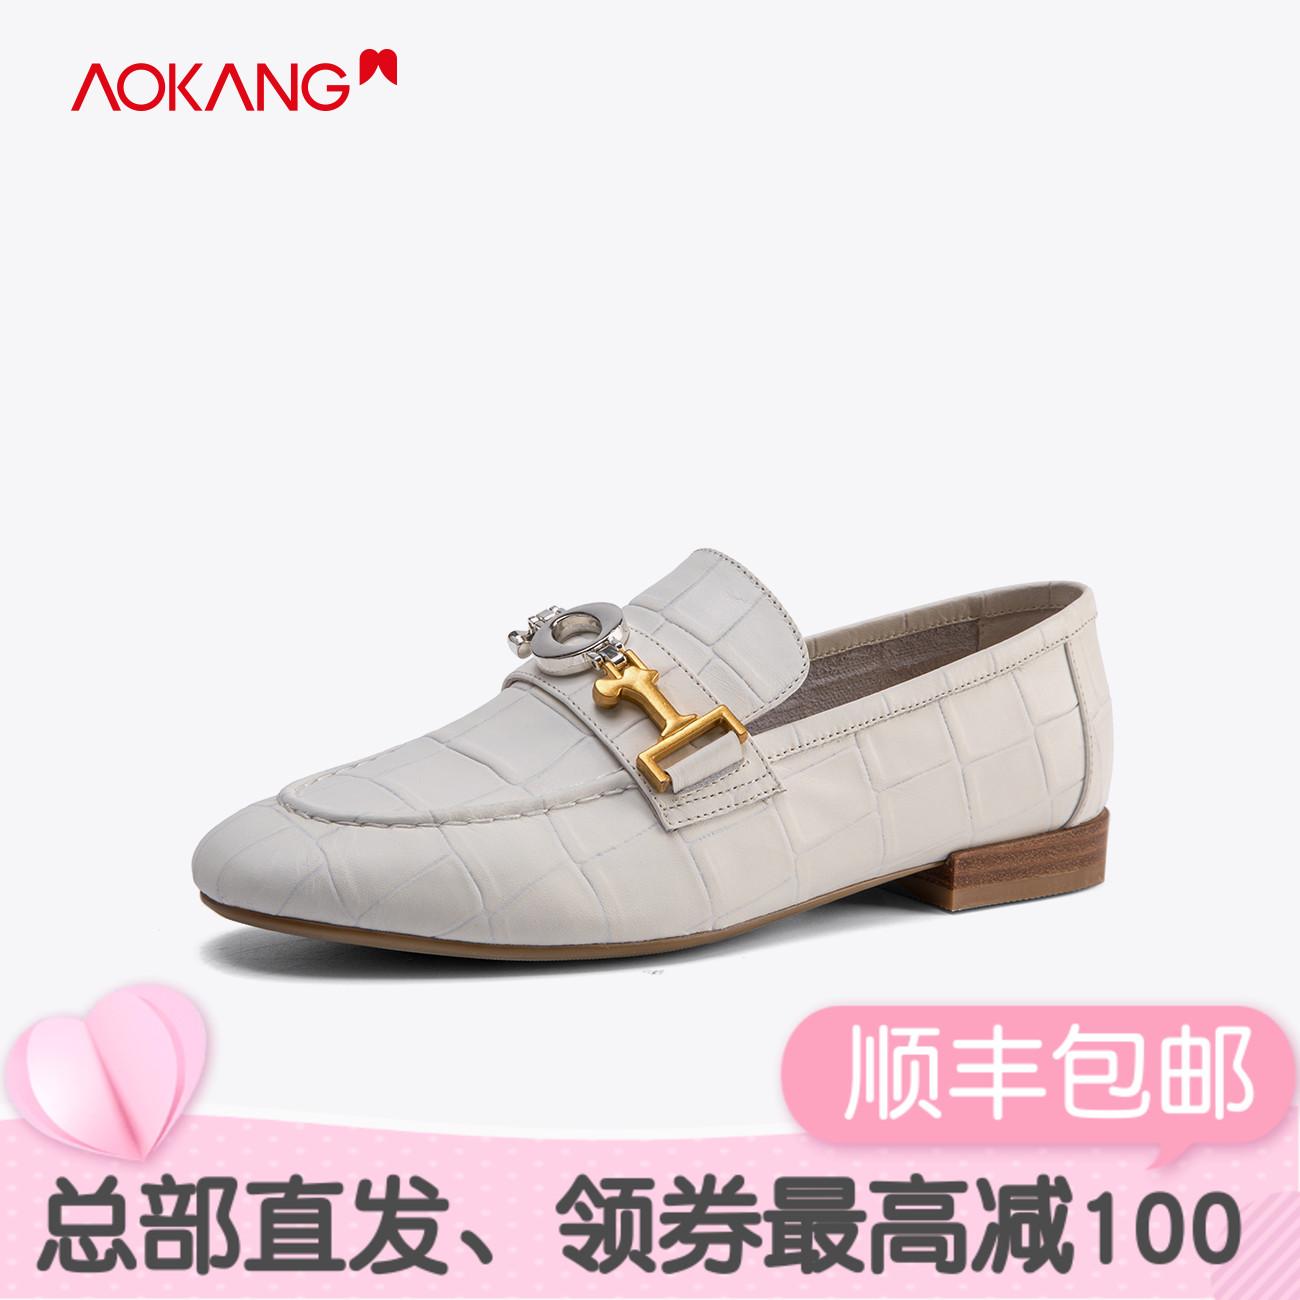 奥康女鞋 2020夏季新款牛皮革轻熟动物纹休闲圆头低跟乐福鞋套脚